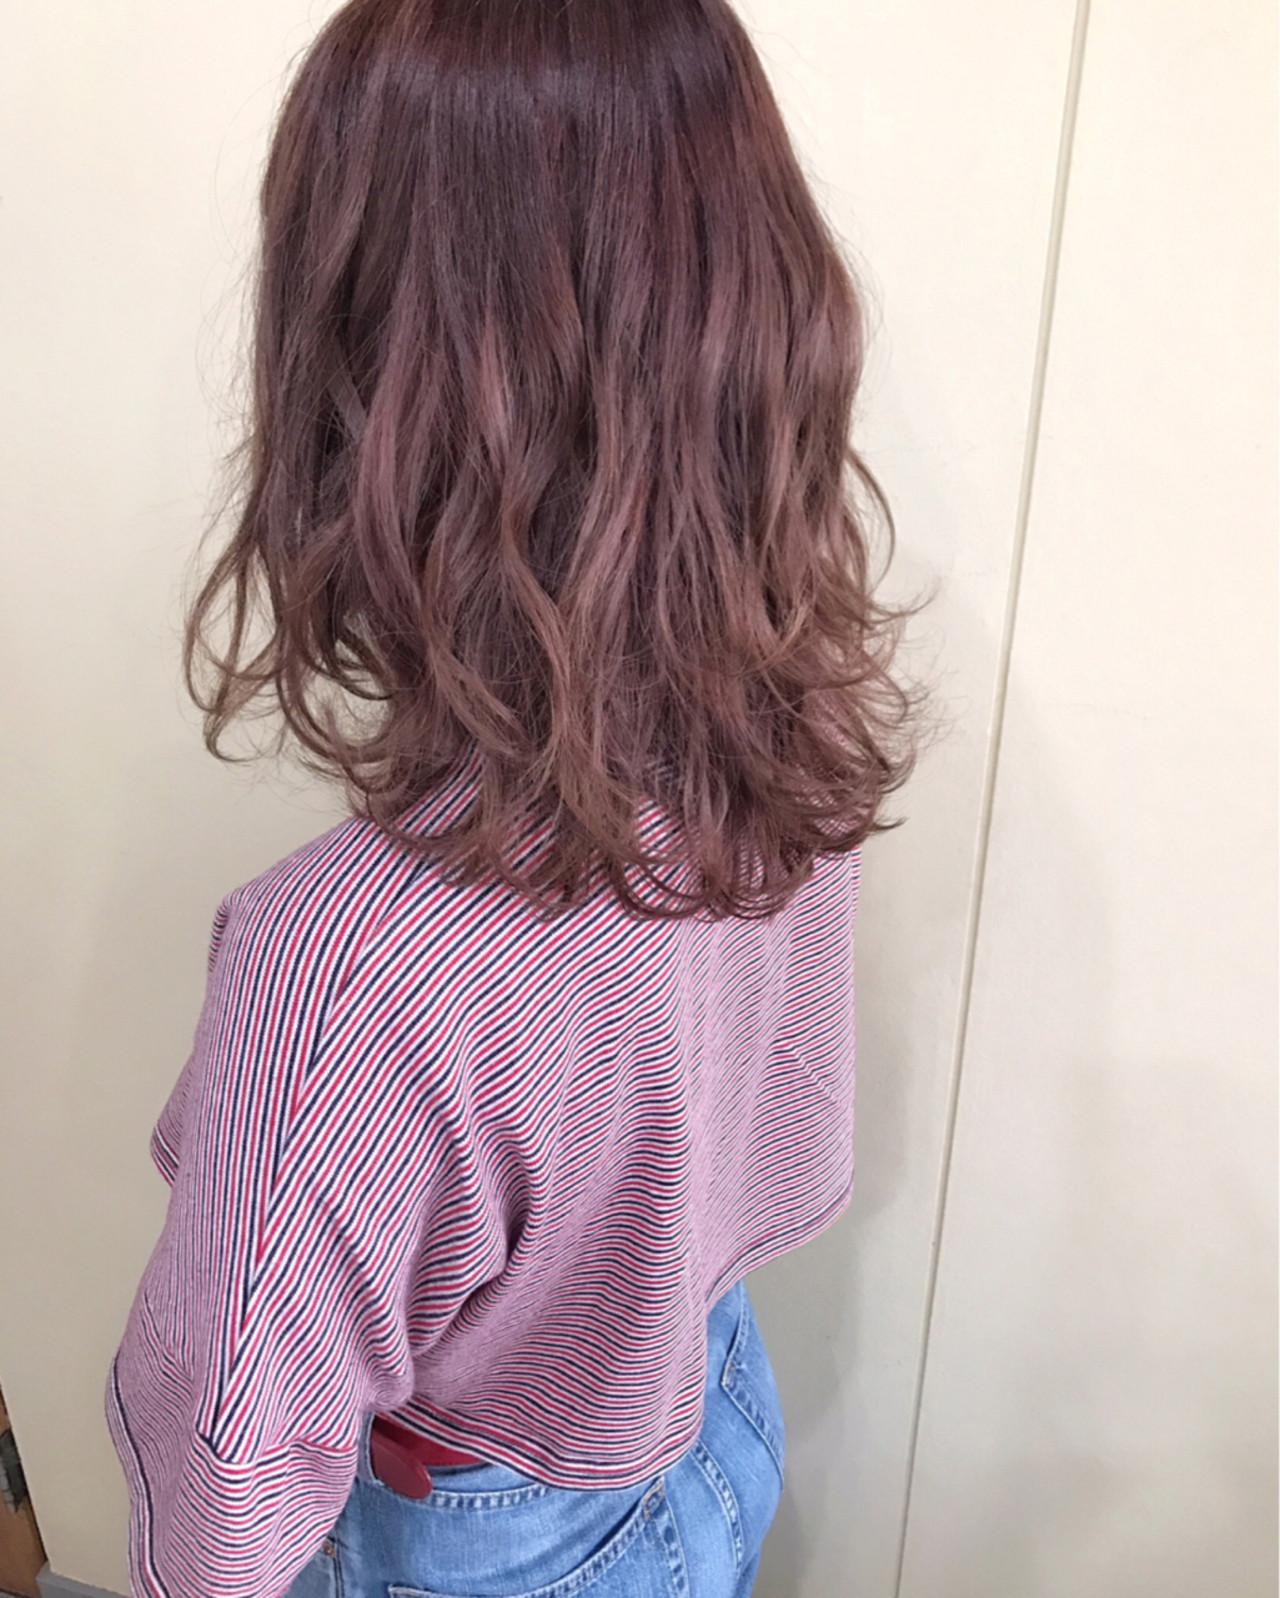 ミディアム ベリーピンク レッド ピンク ヘアスタイルや髪型の写真・画像 | サワ / Seamu